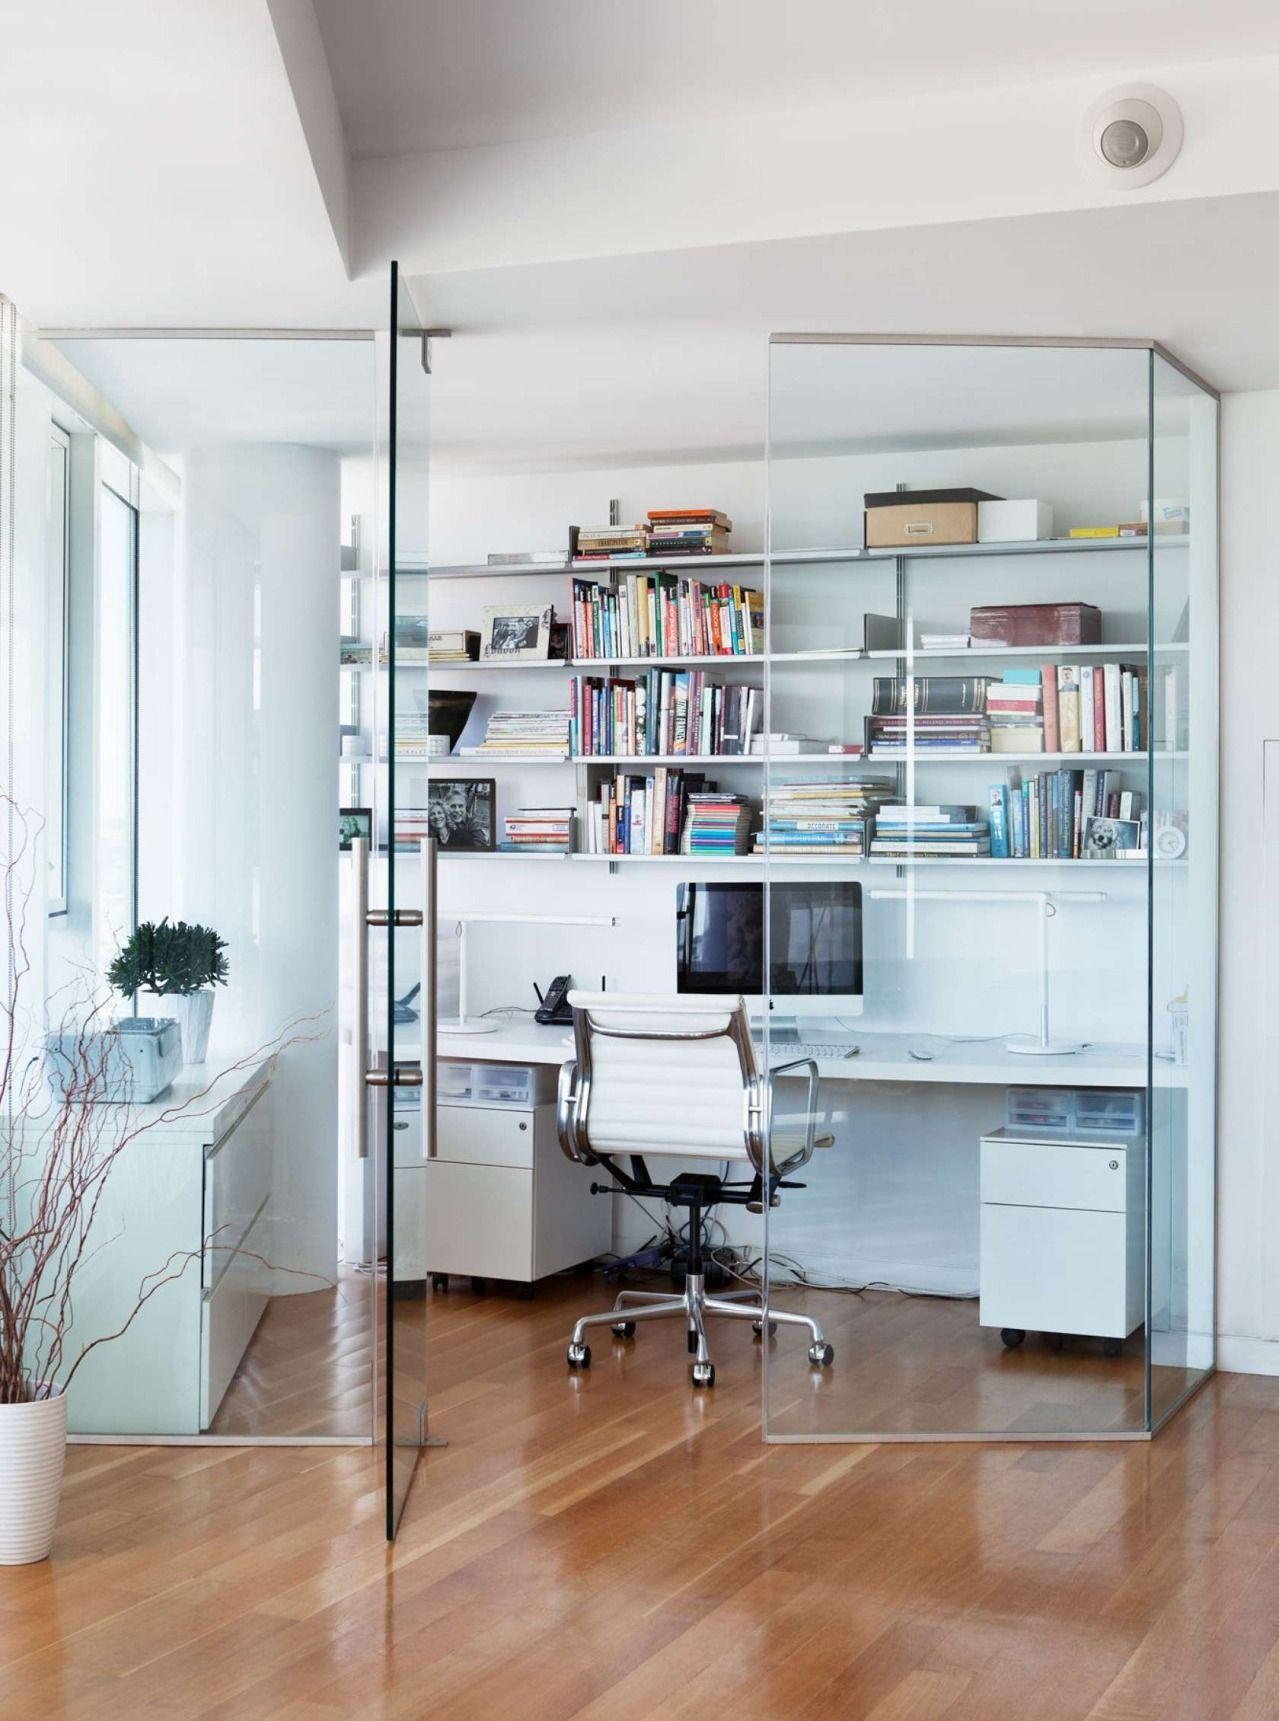 Une cloison en verre transparent définit les limites de l'espace de travail à domicile